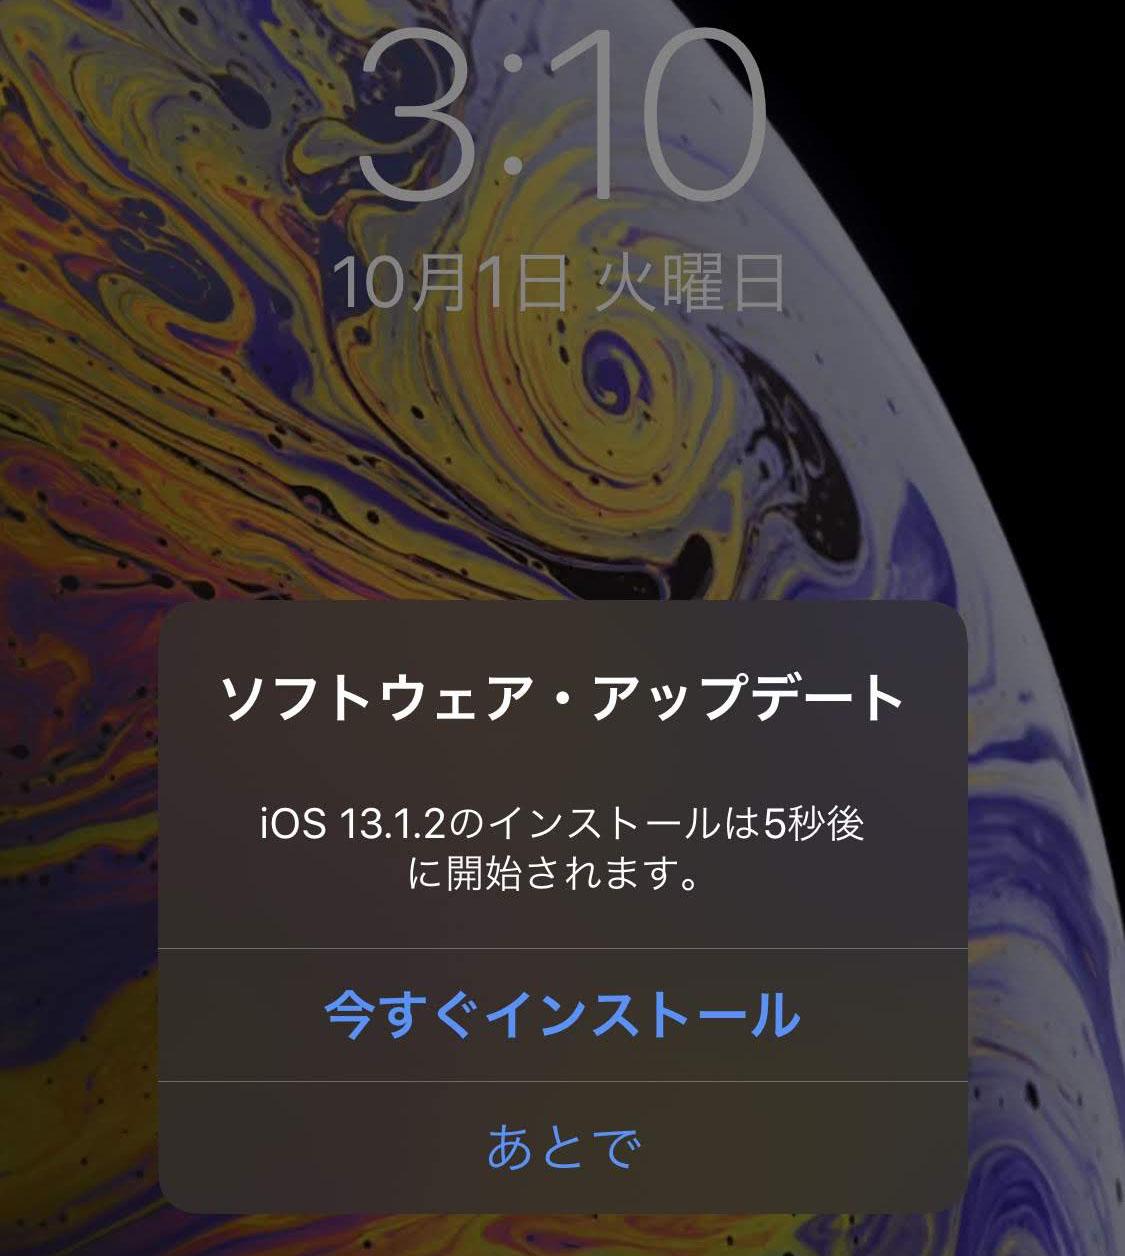 もうiOSとiPadOSを13.1.2に更新しておいた